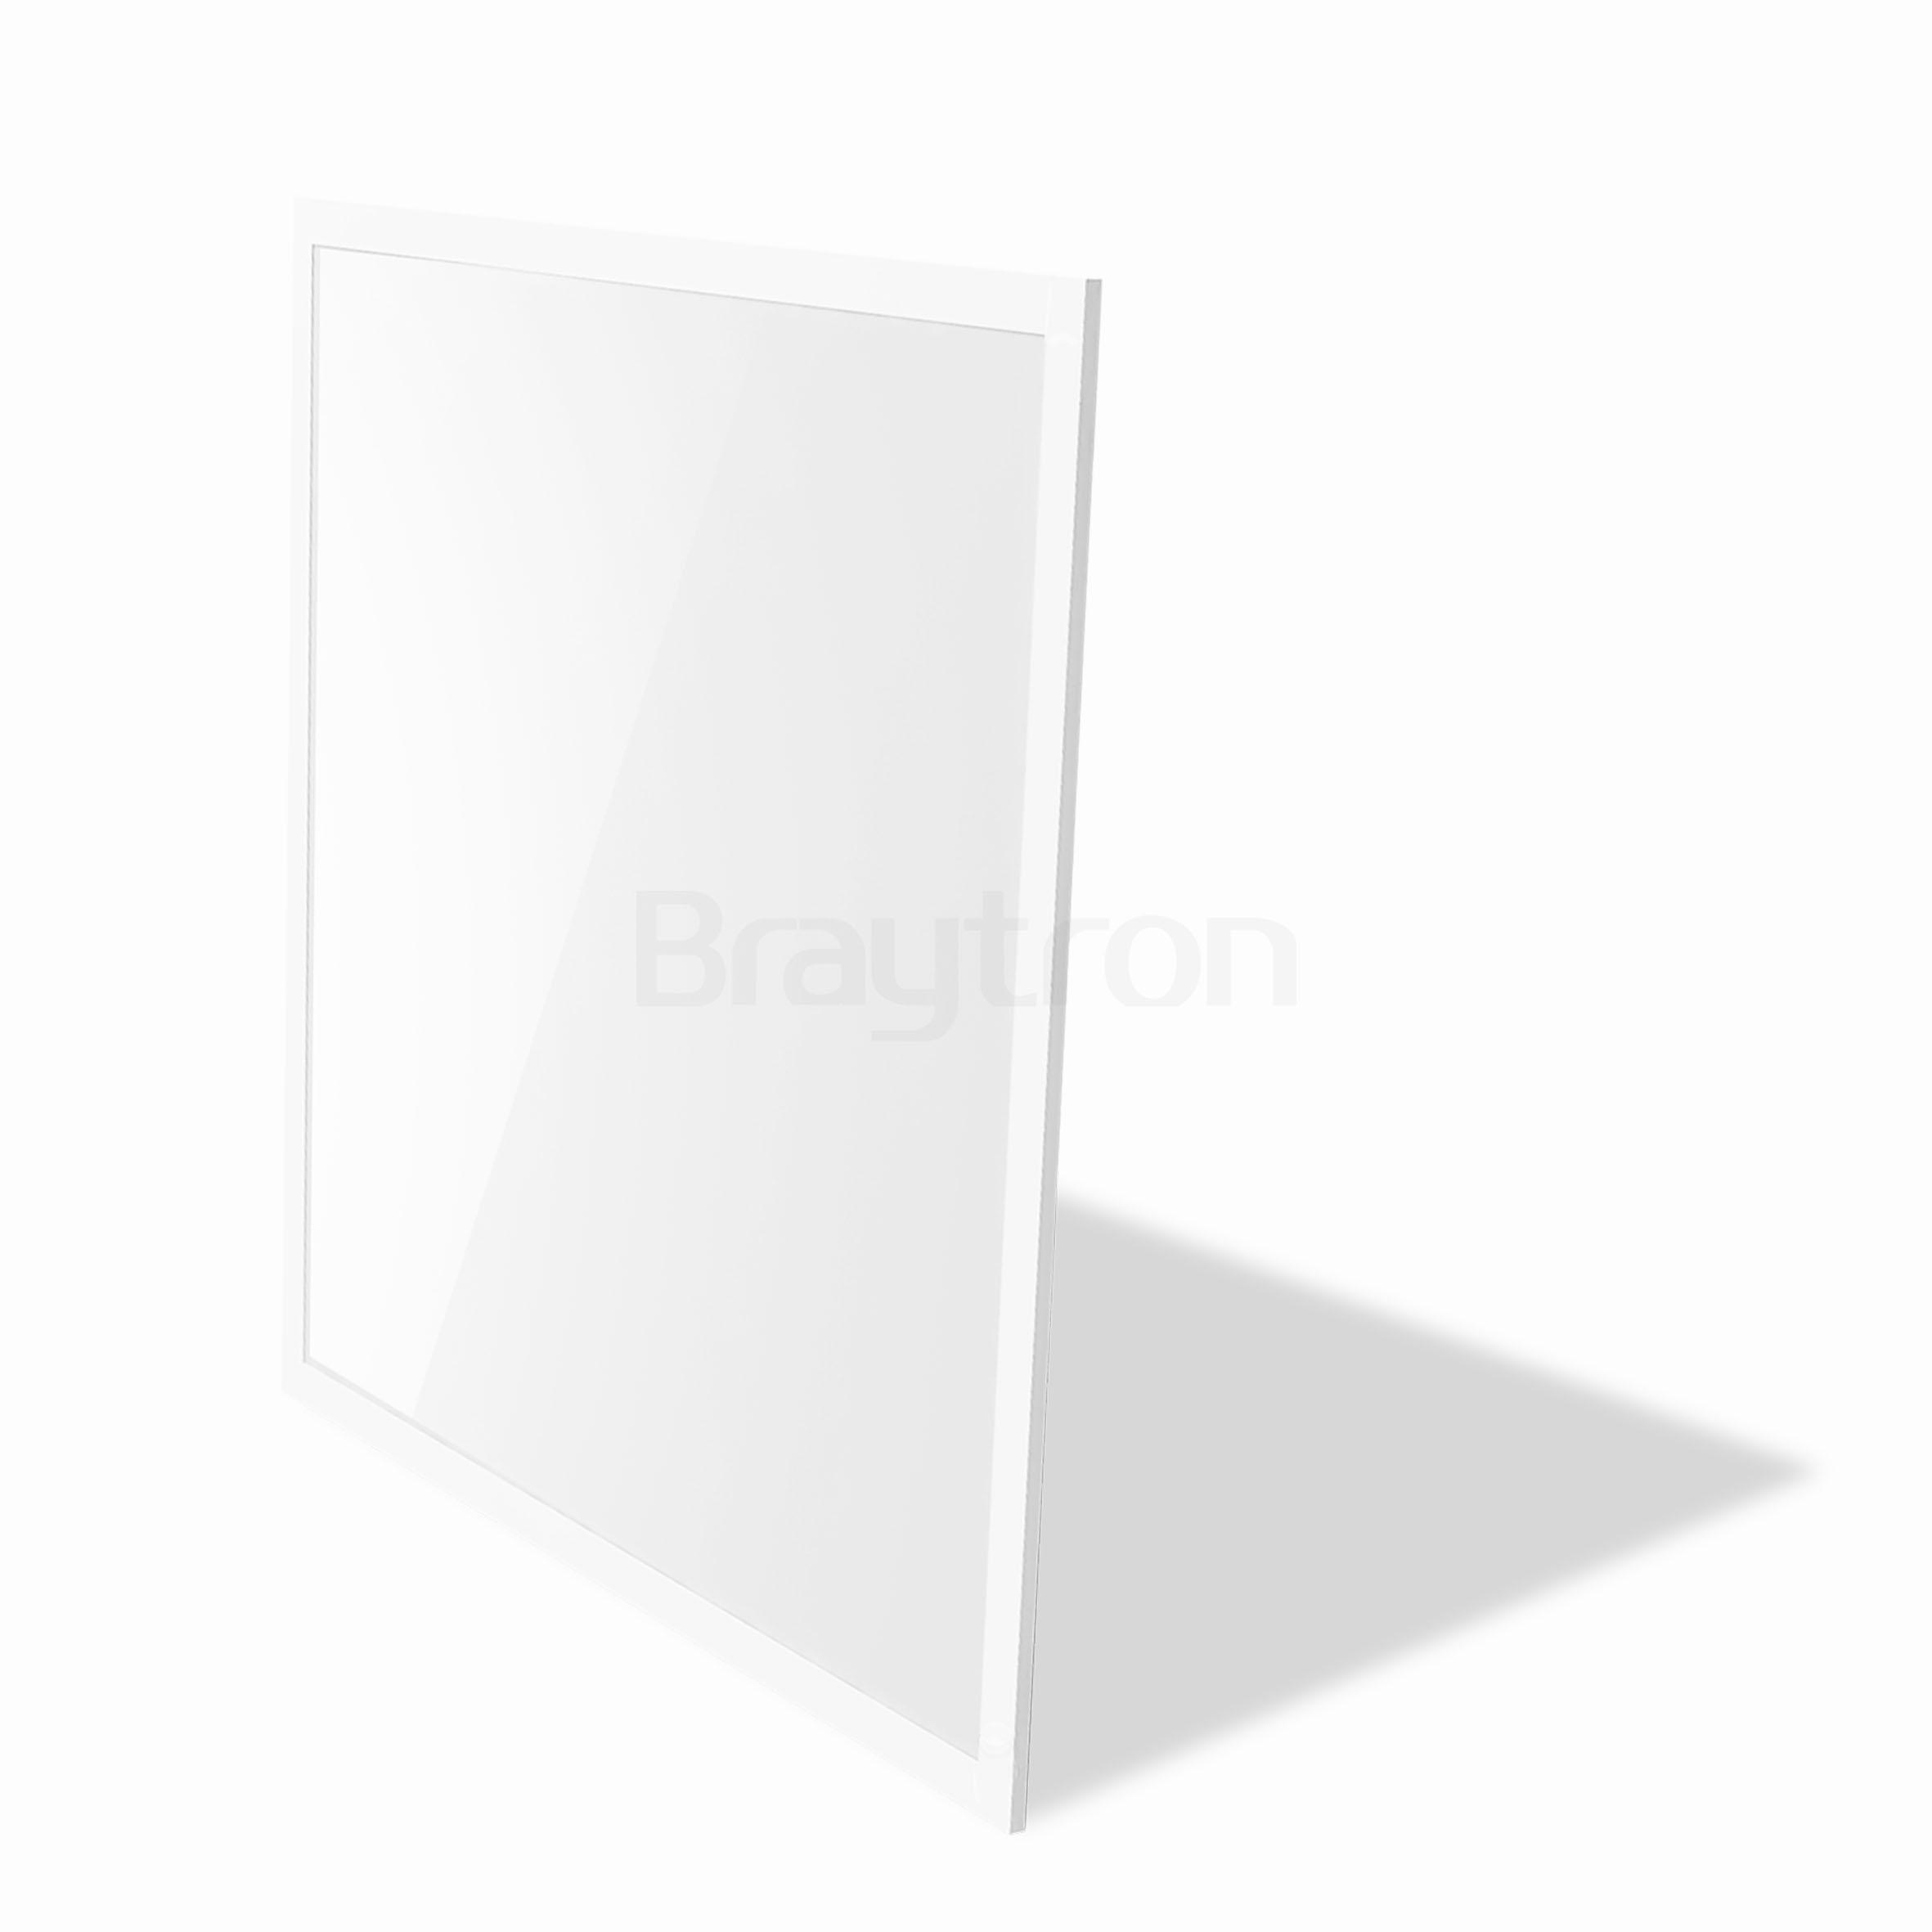 20w 30x30 Ledli Panel